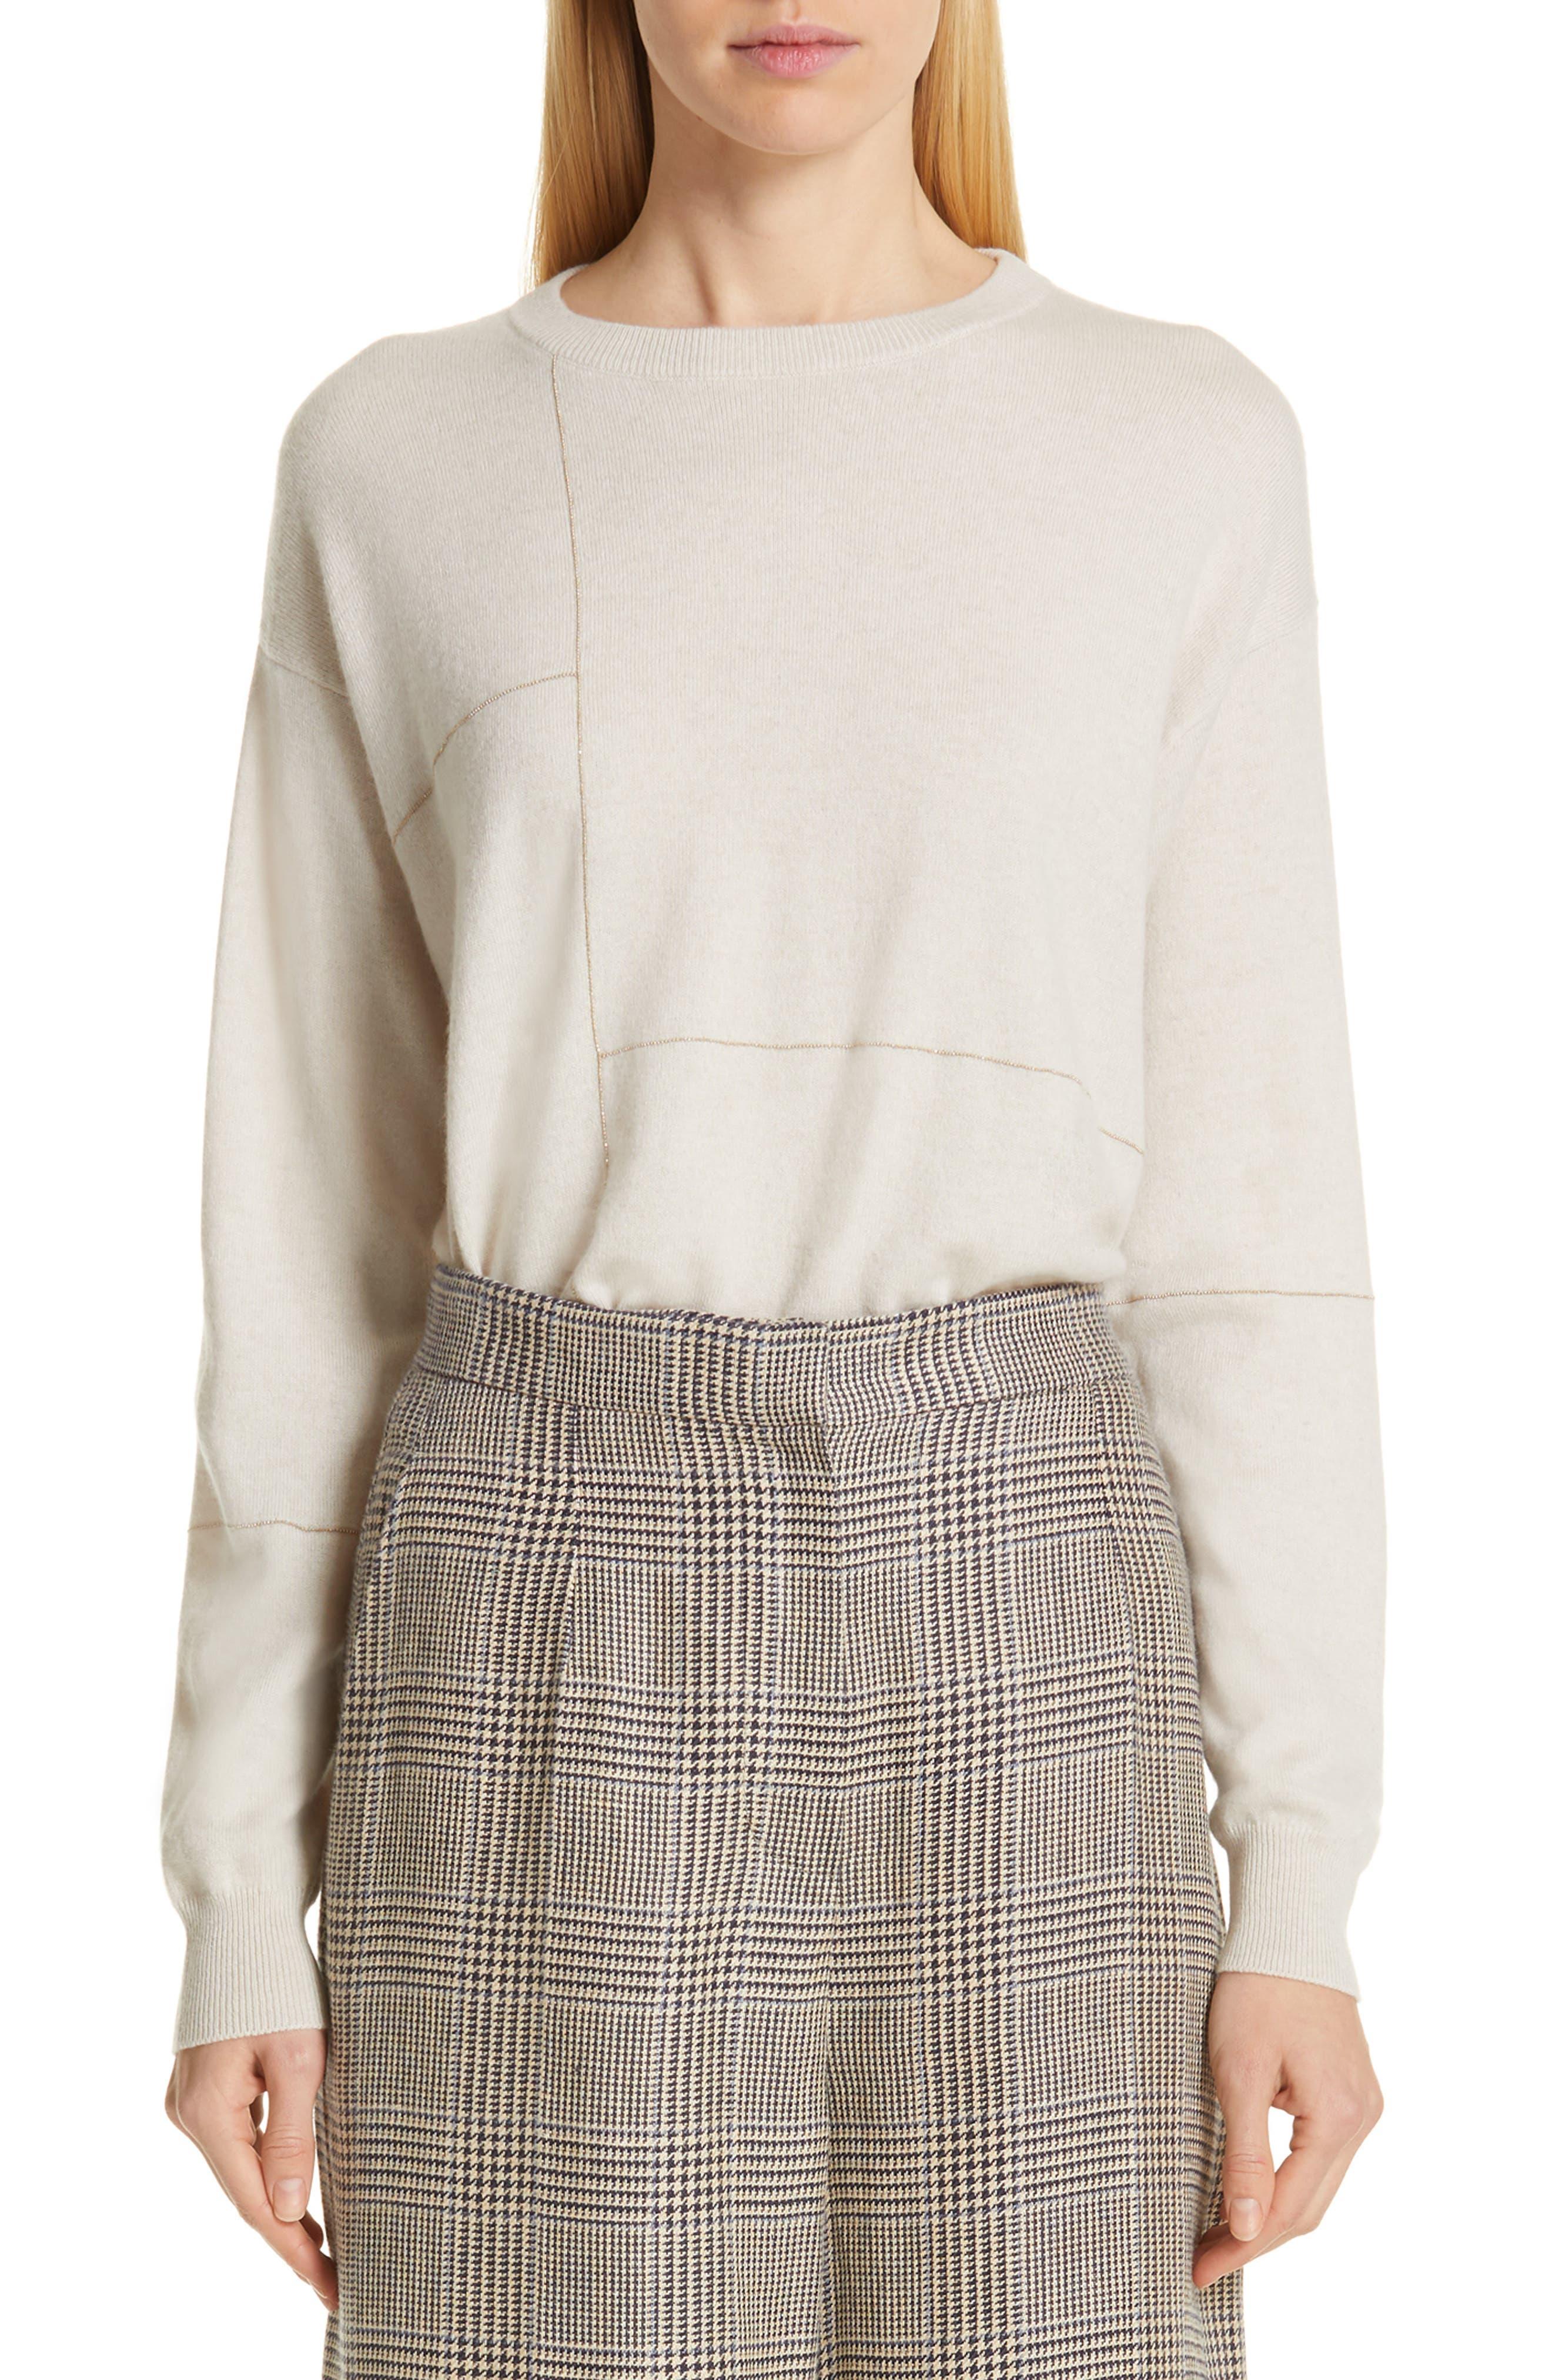 Monili Patchwork Cashmere Sweater,                             Main thumbnail 1, color,                             BUTTERMILK